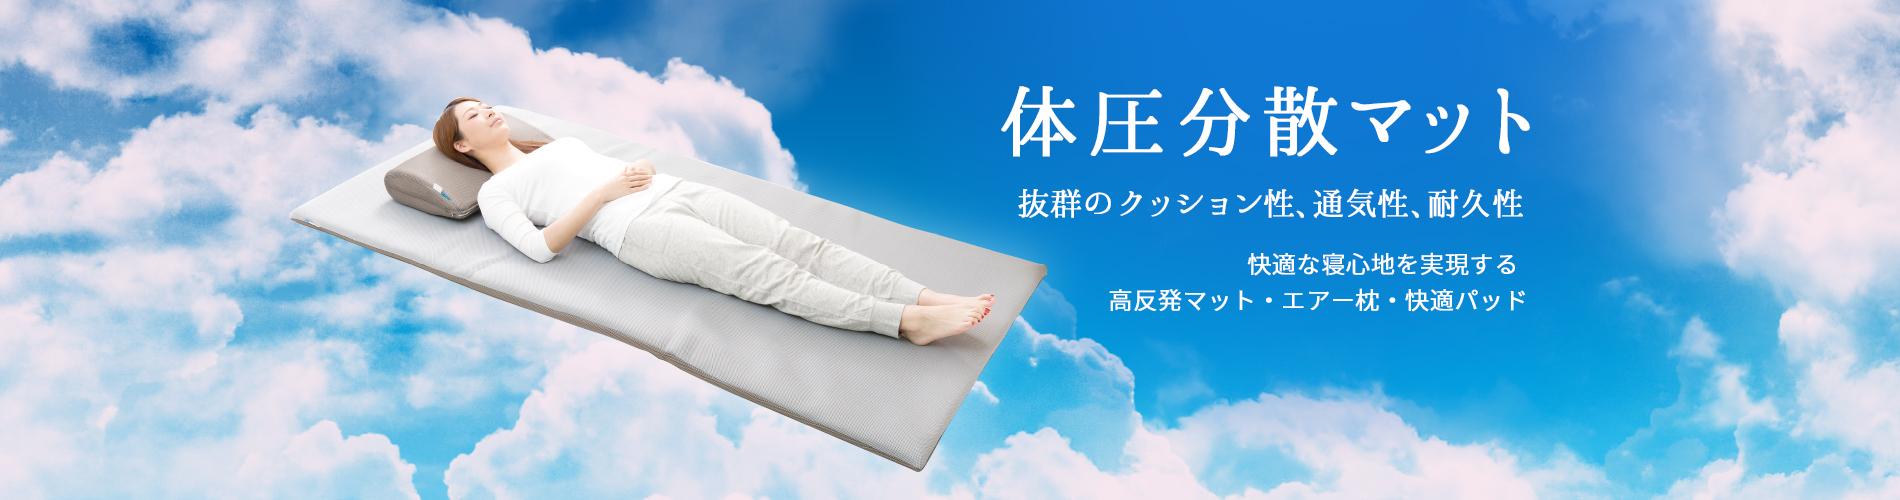 体圧分散マット・エアー枕・快適シーツ